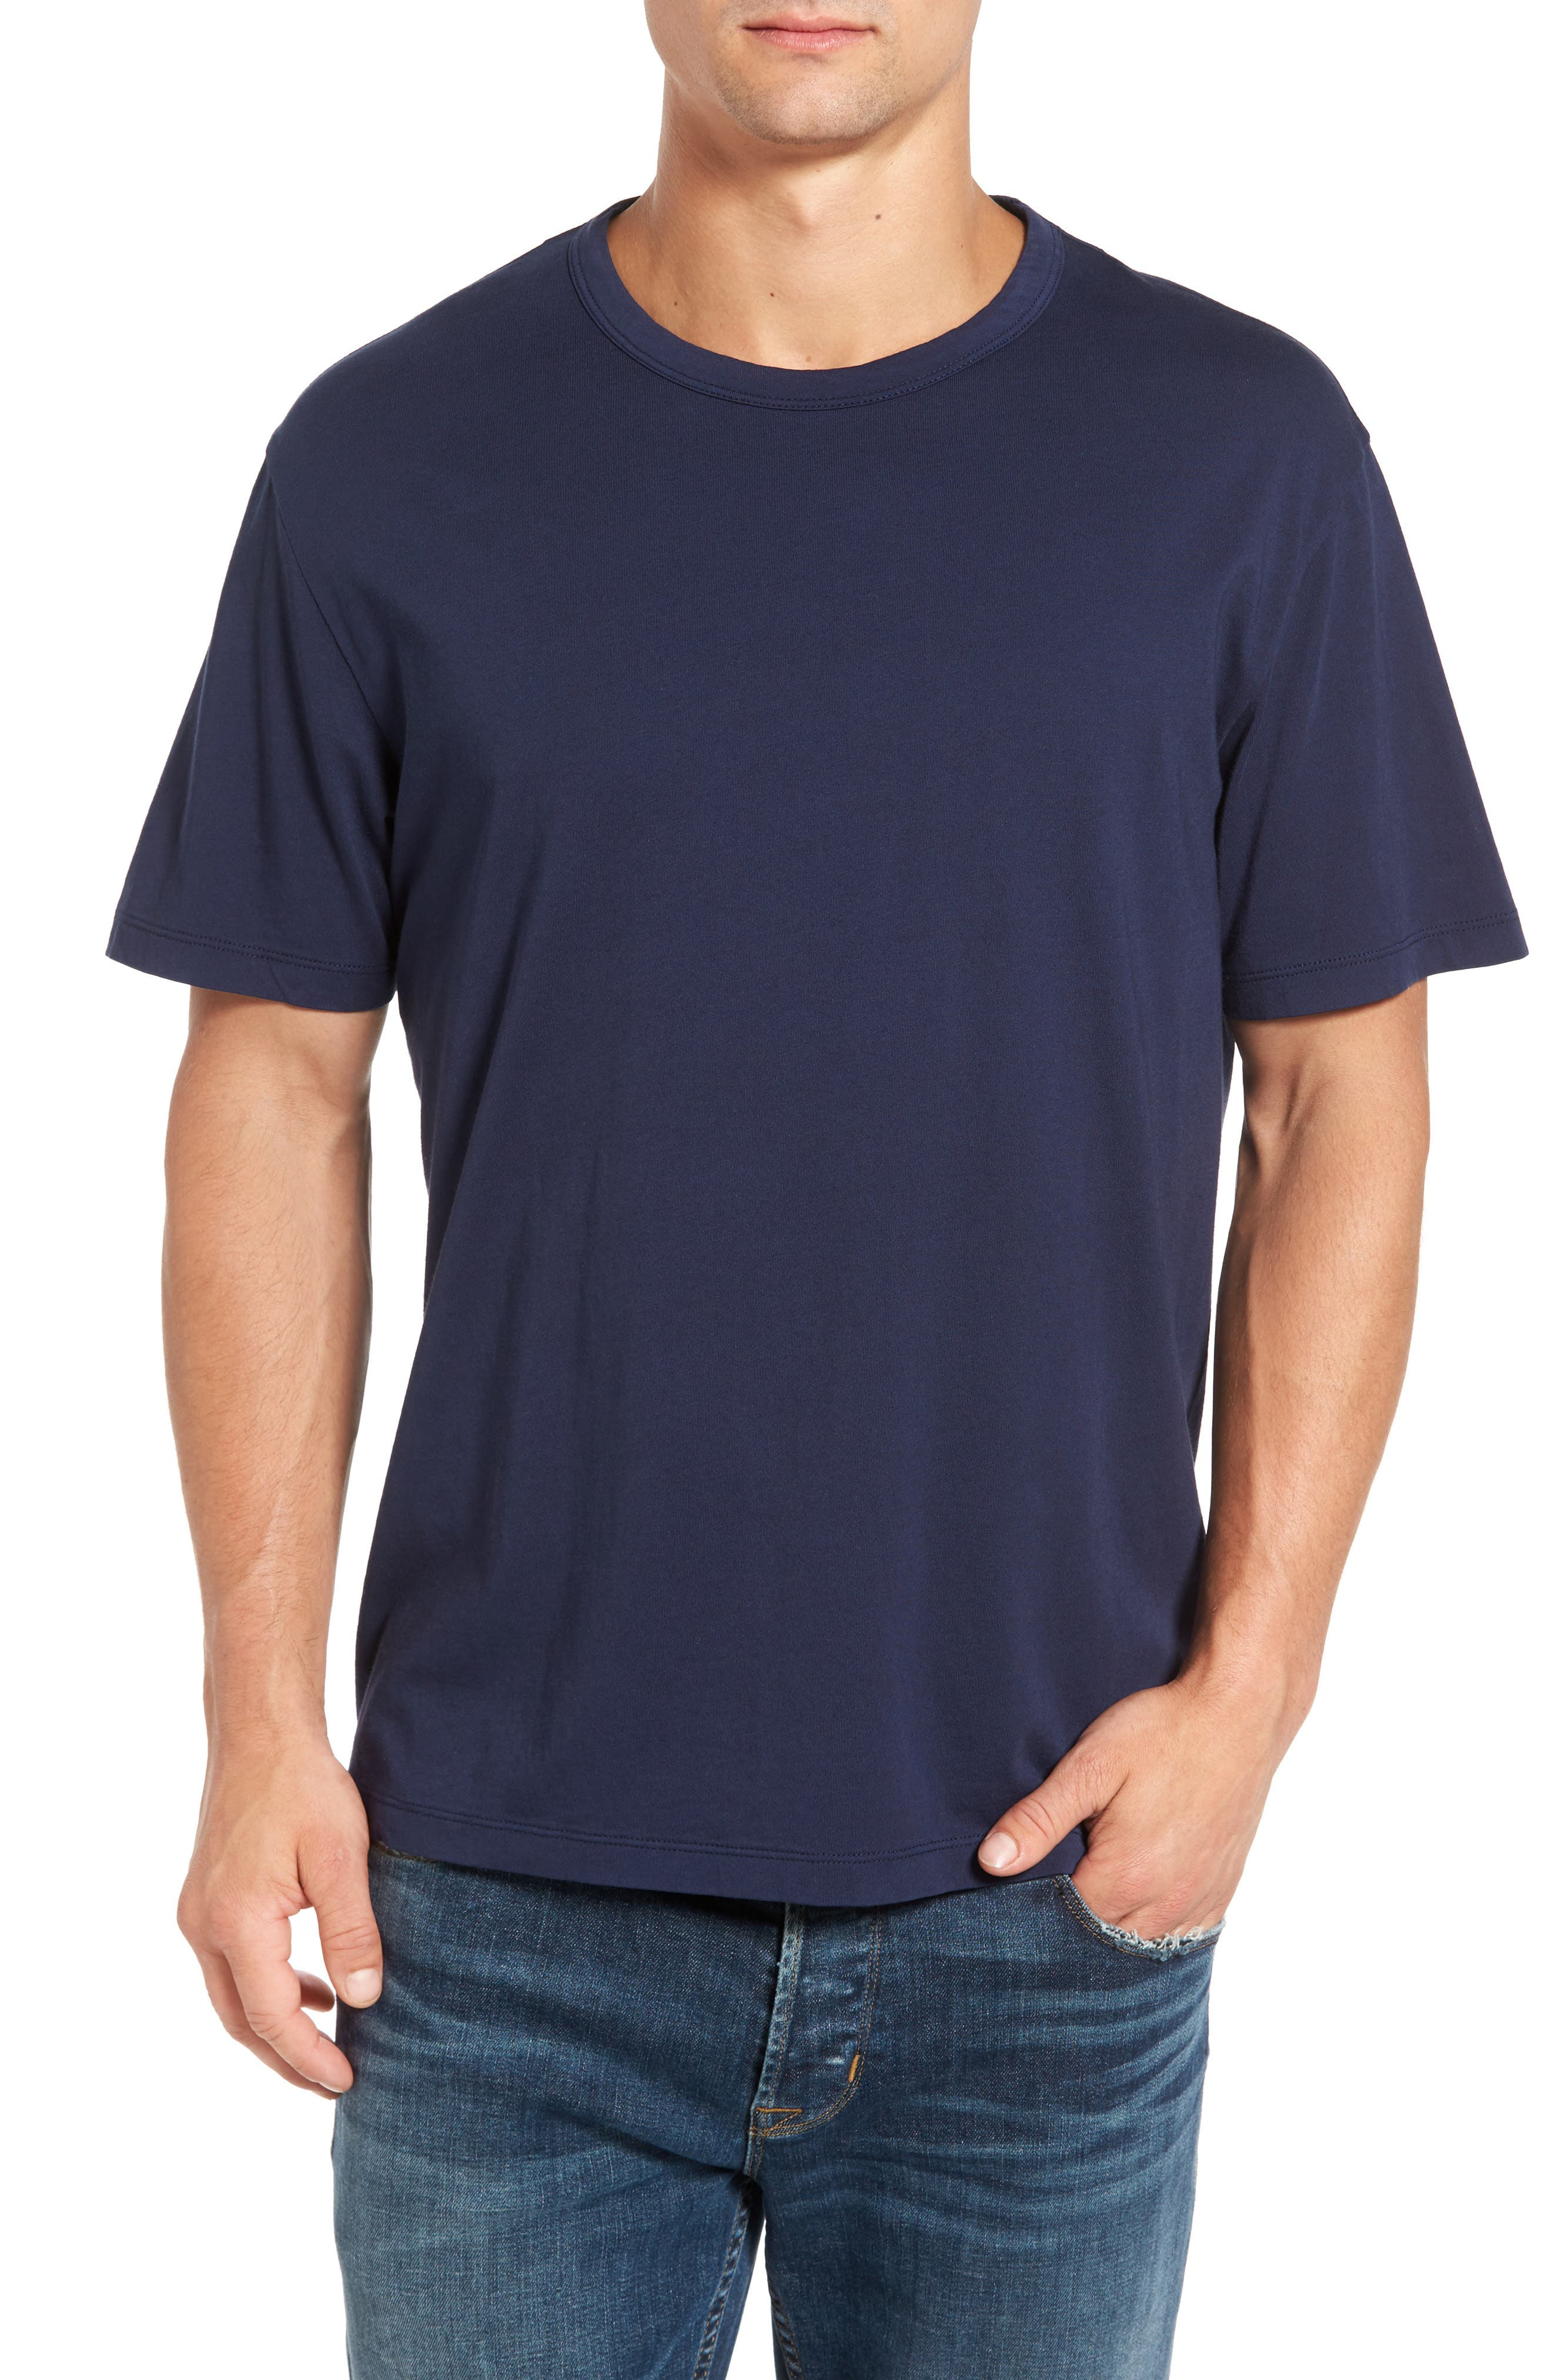 Spinnaker Bay Sports Fit Crewneck T-Shirt,                             Main thumbnail 4, color,